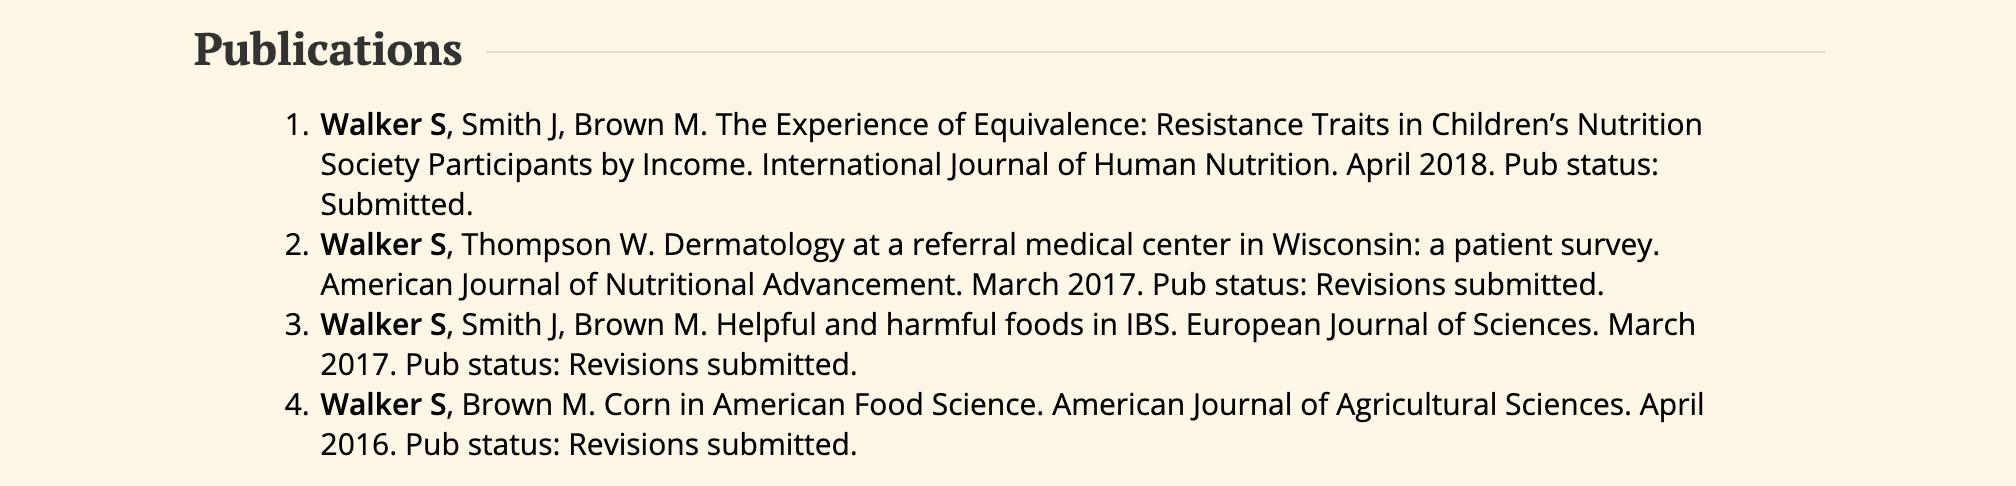 resume-basics-publications